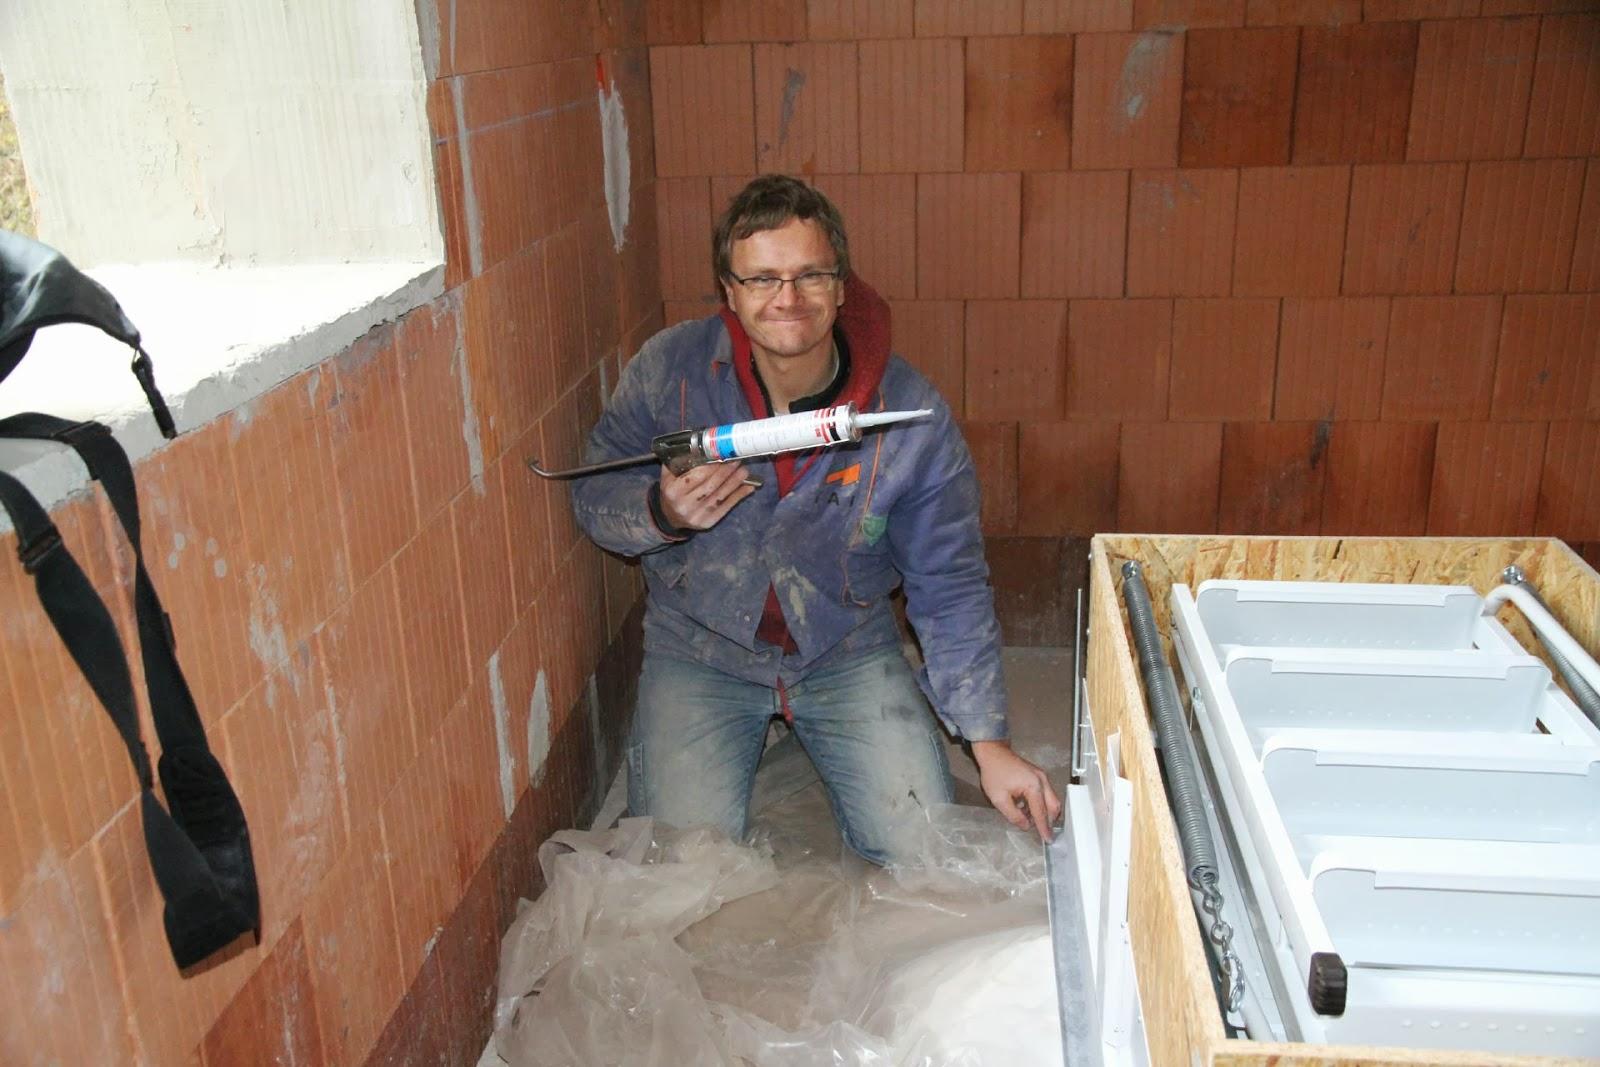 Super Dachbodentreppe einbauen - 1. Versuch | Bautagebuch von Marlene AV53